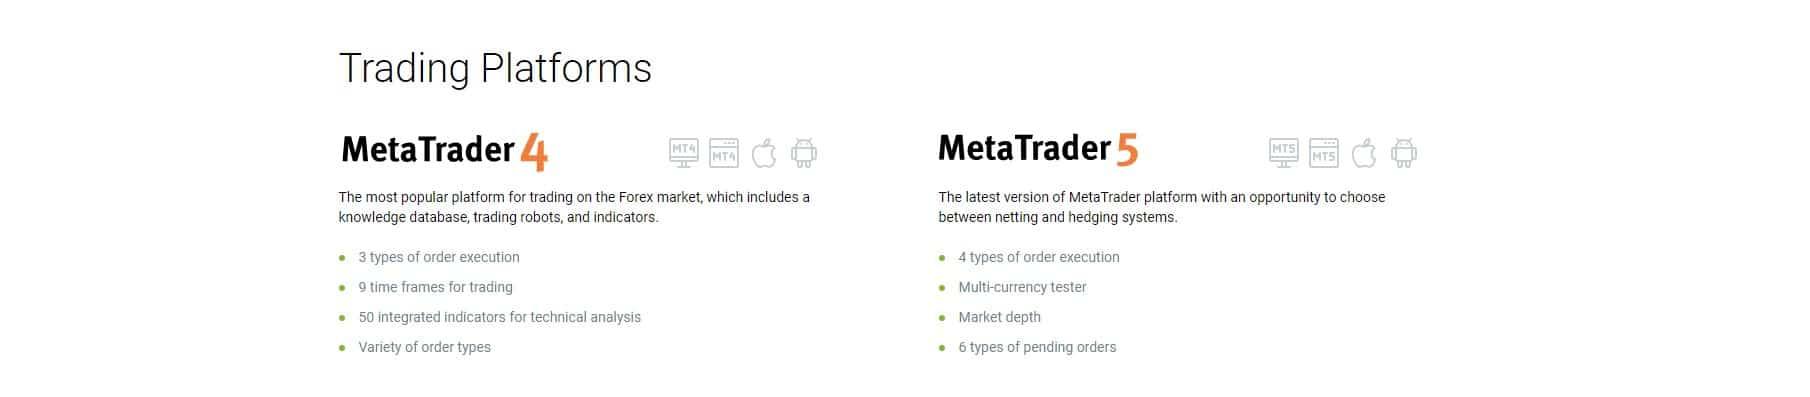 trading platforms: MetaTrader4 and Metatrader5